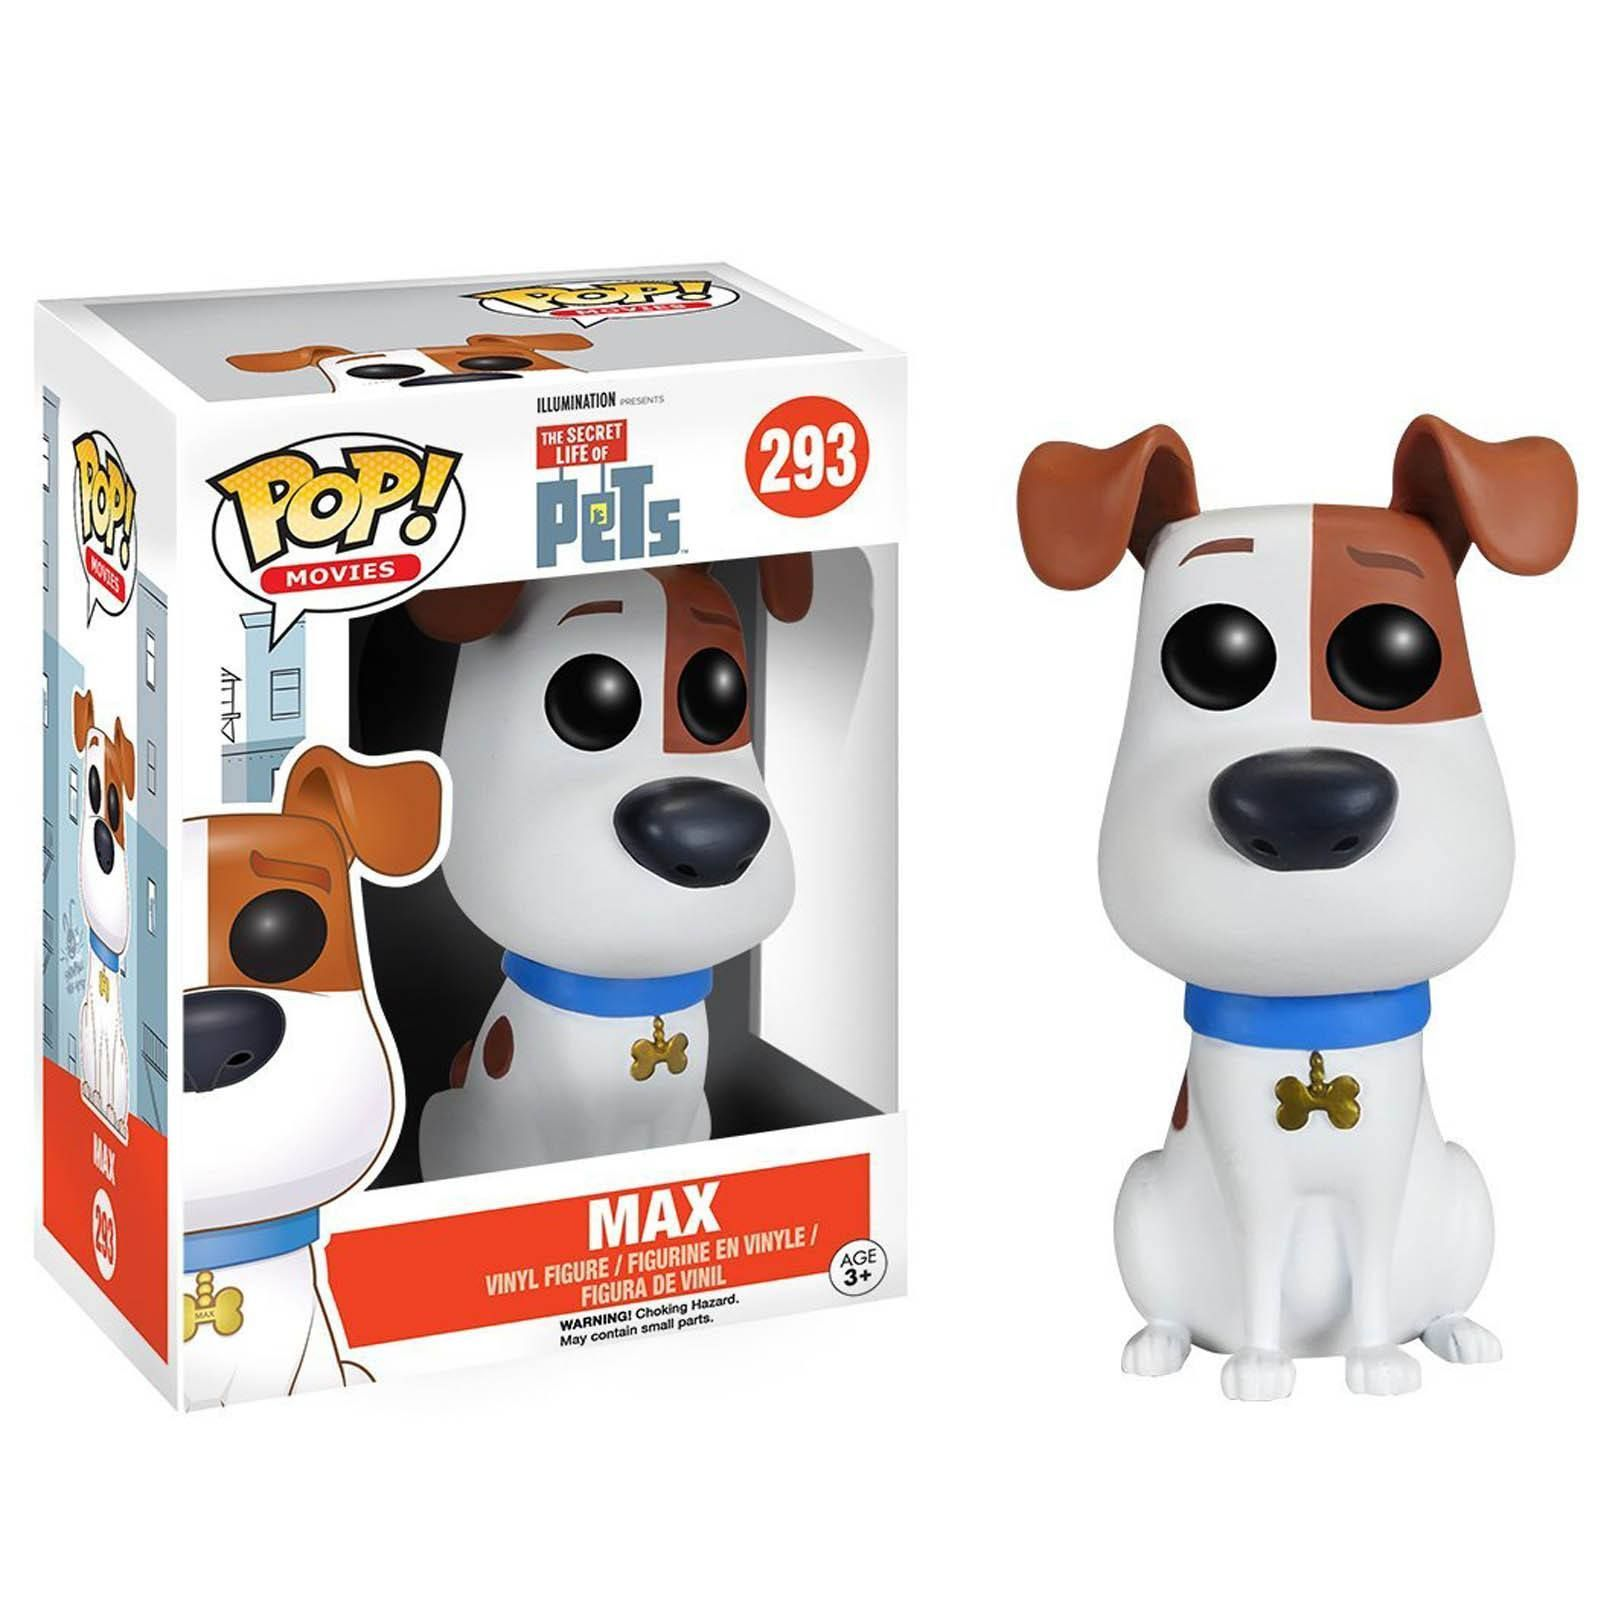 Funko Secret Life Of Pets Pop Max Vinyl Figure Radar Toys Pet